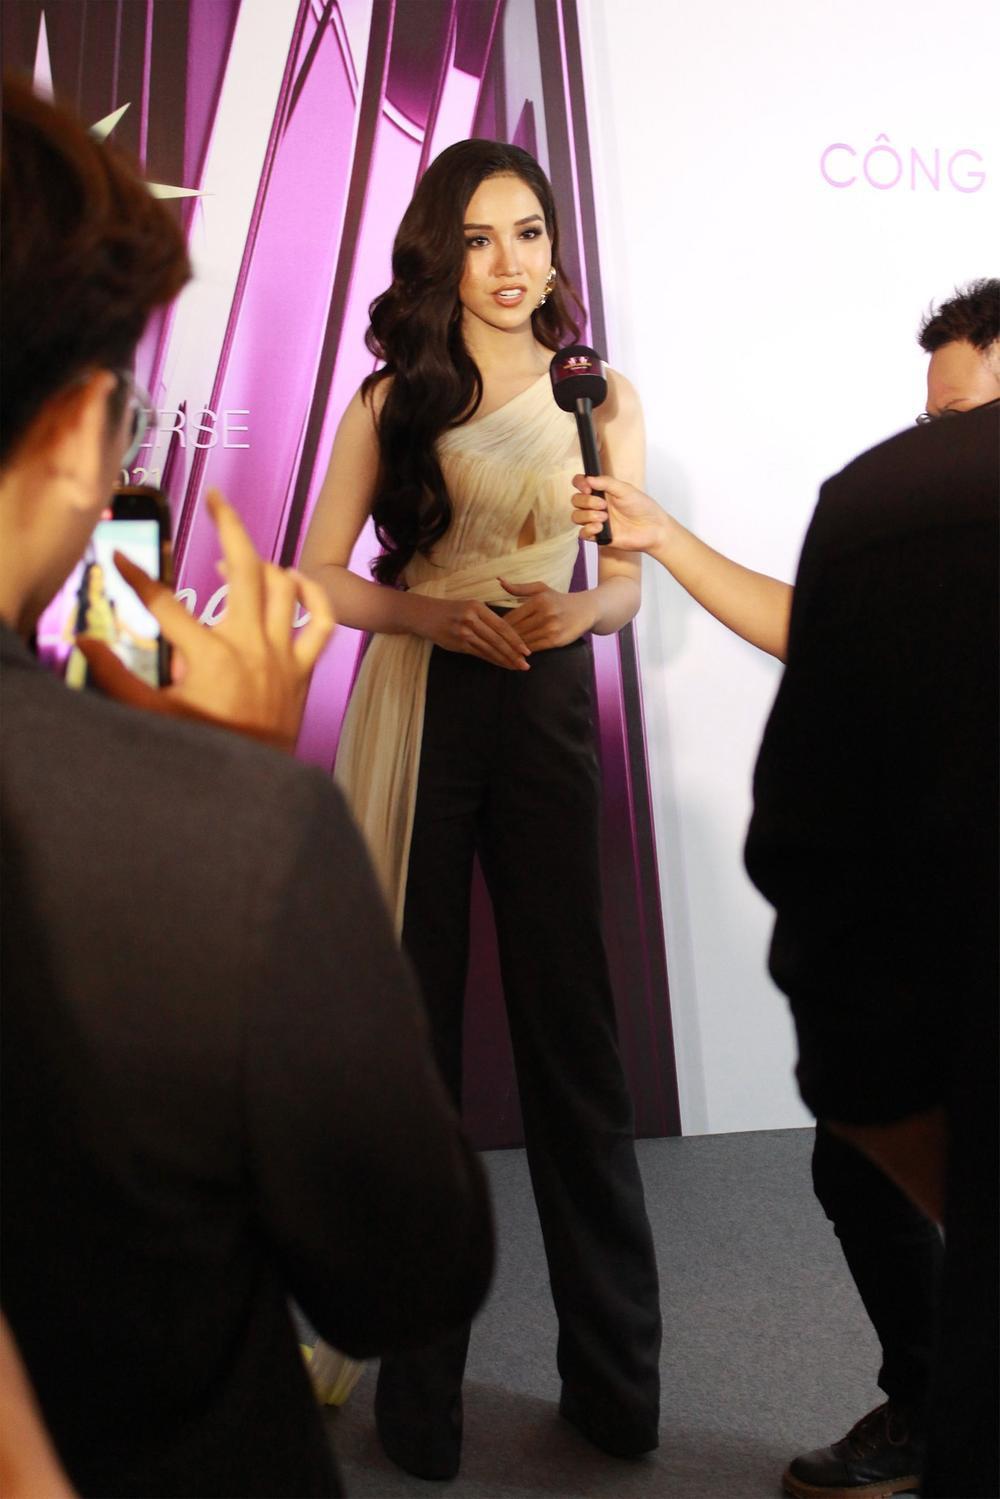 Người đẹp Chuyển giới Đỗ Nhật Hà đáp trả anti-fan khi bị gọi là 'chàng trai': 'Ăn nói cho cẩn thận vào' Ảnh 7